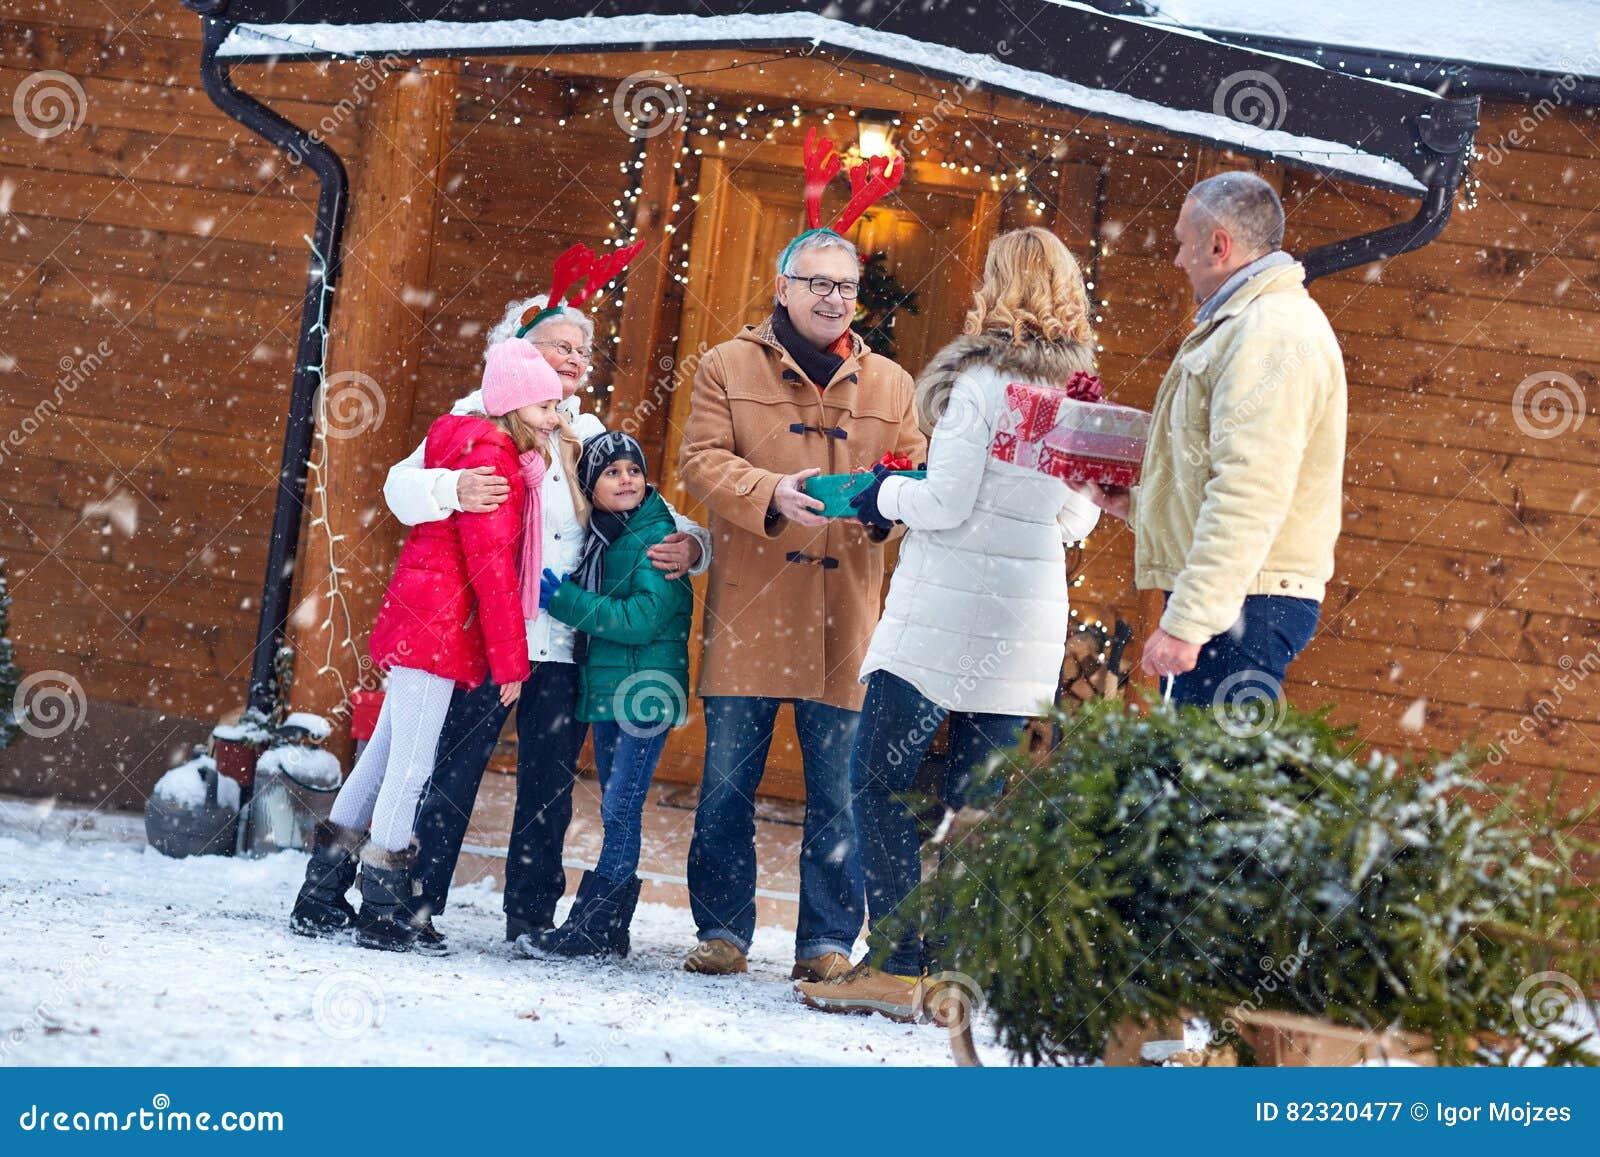 Weihnachtsabend - Familie, Geschenke, Feiertag, Jahreszeit Und Leute ...